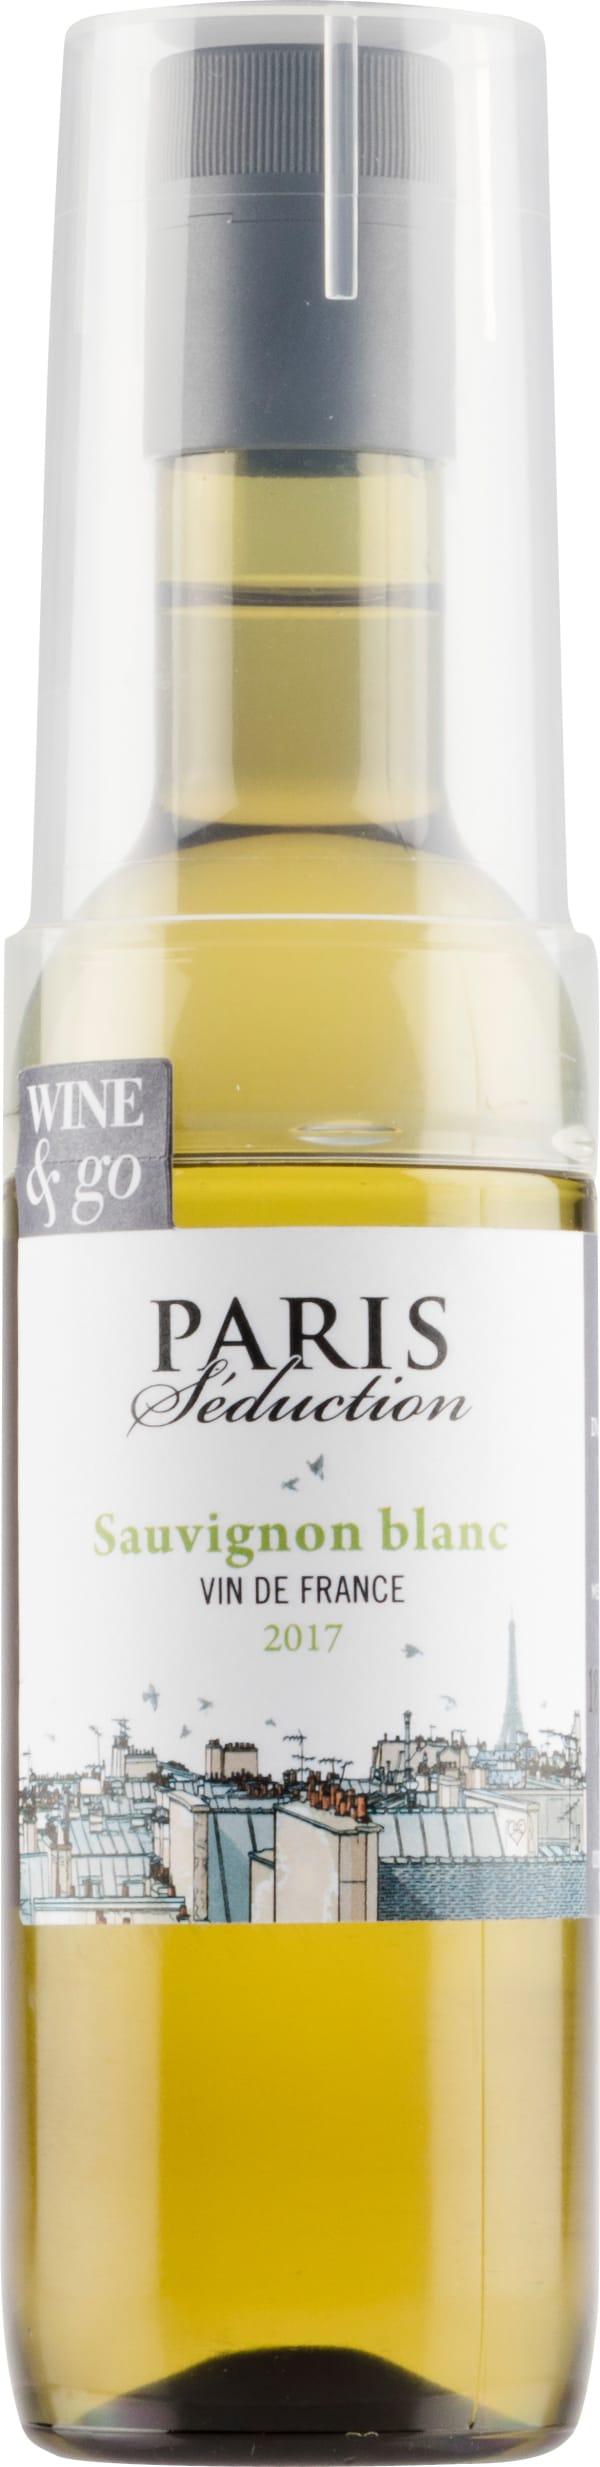 Paris Seduction Sauvignon Blanc 2017 muovipullo